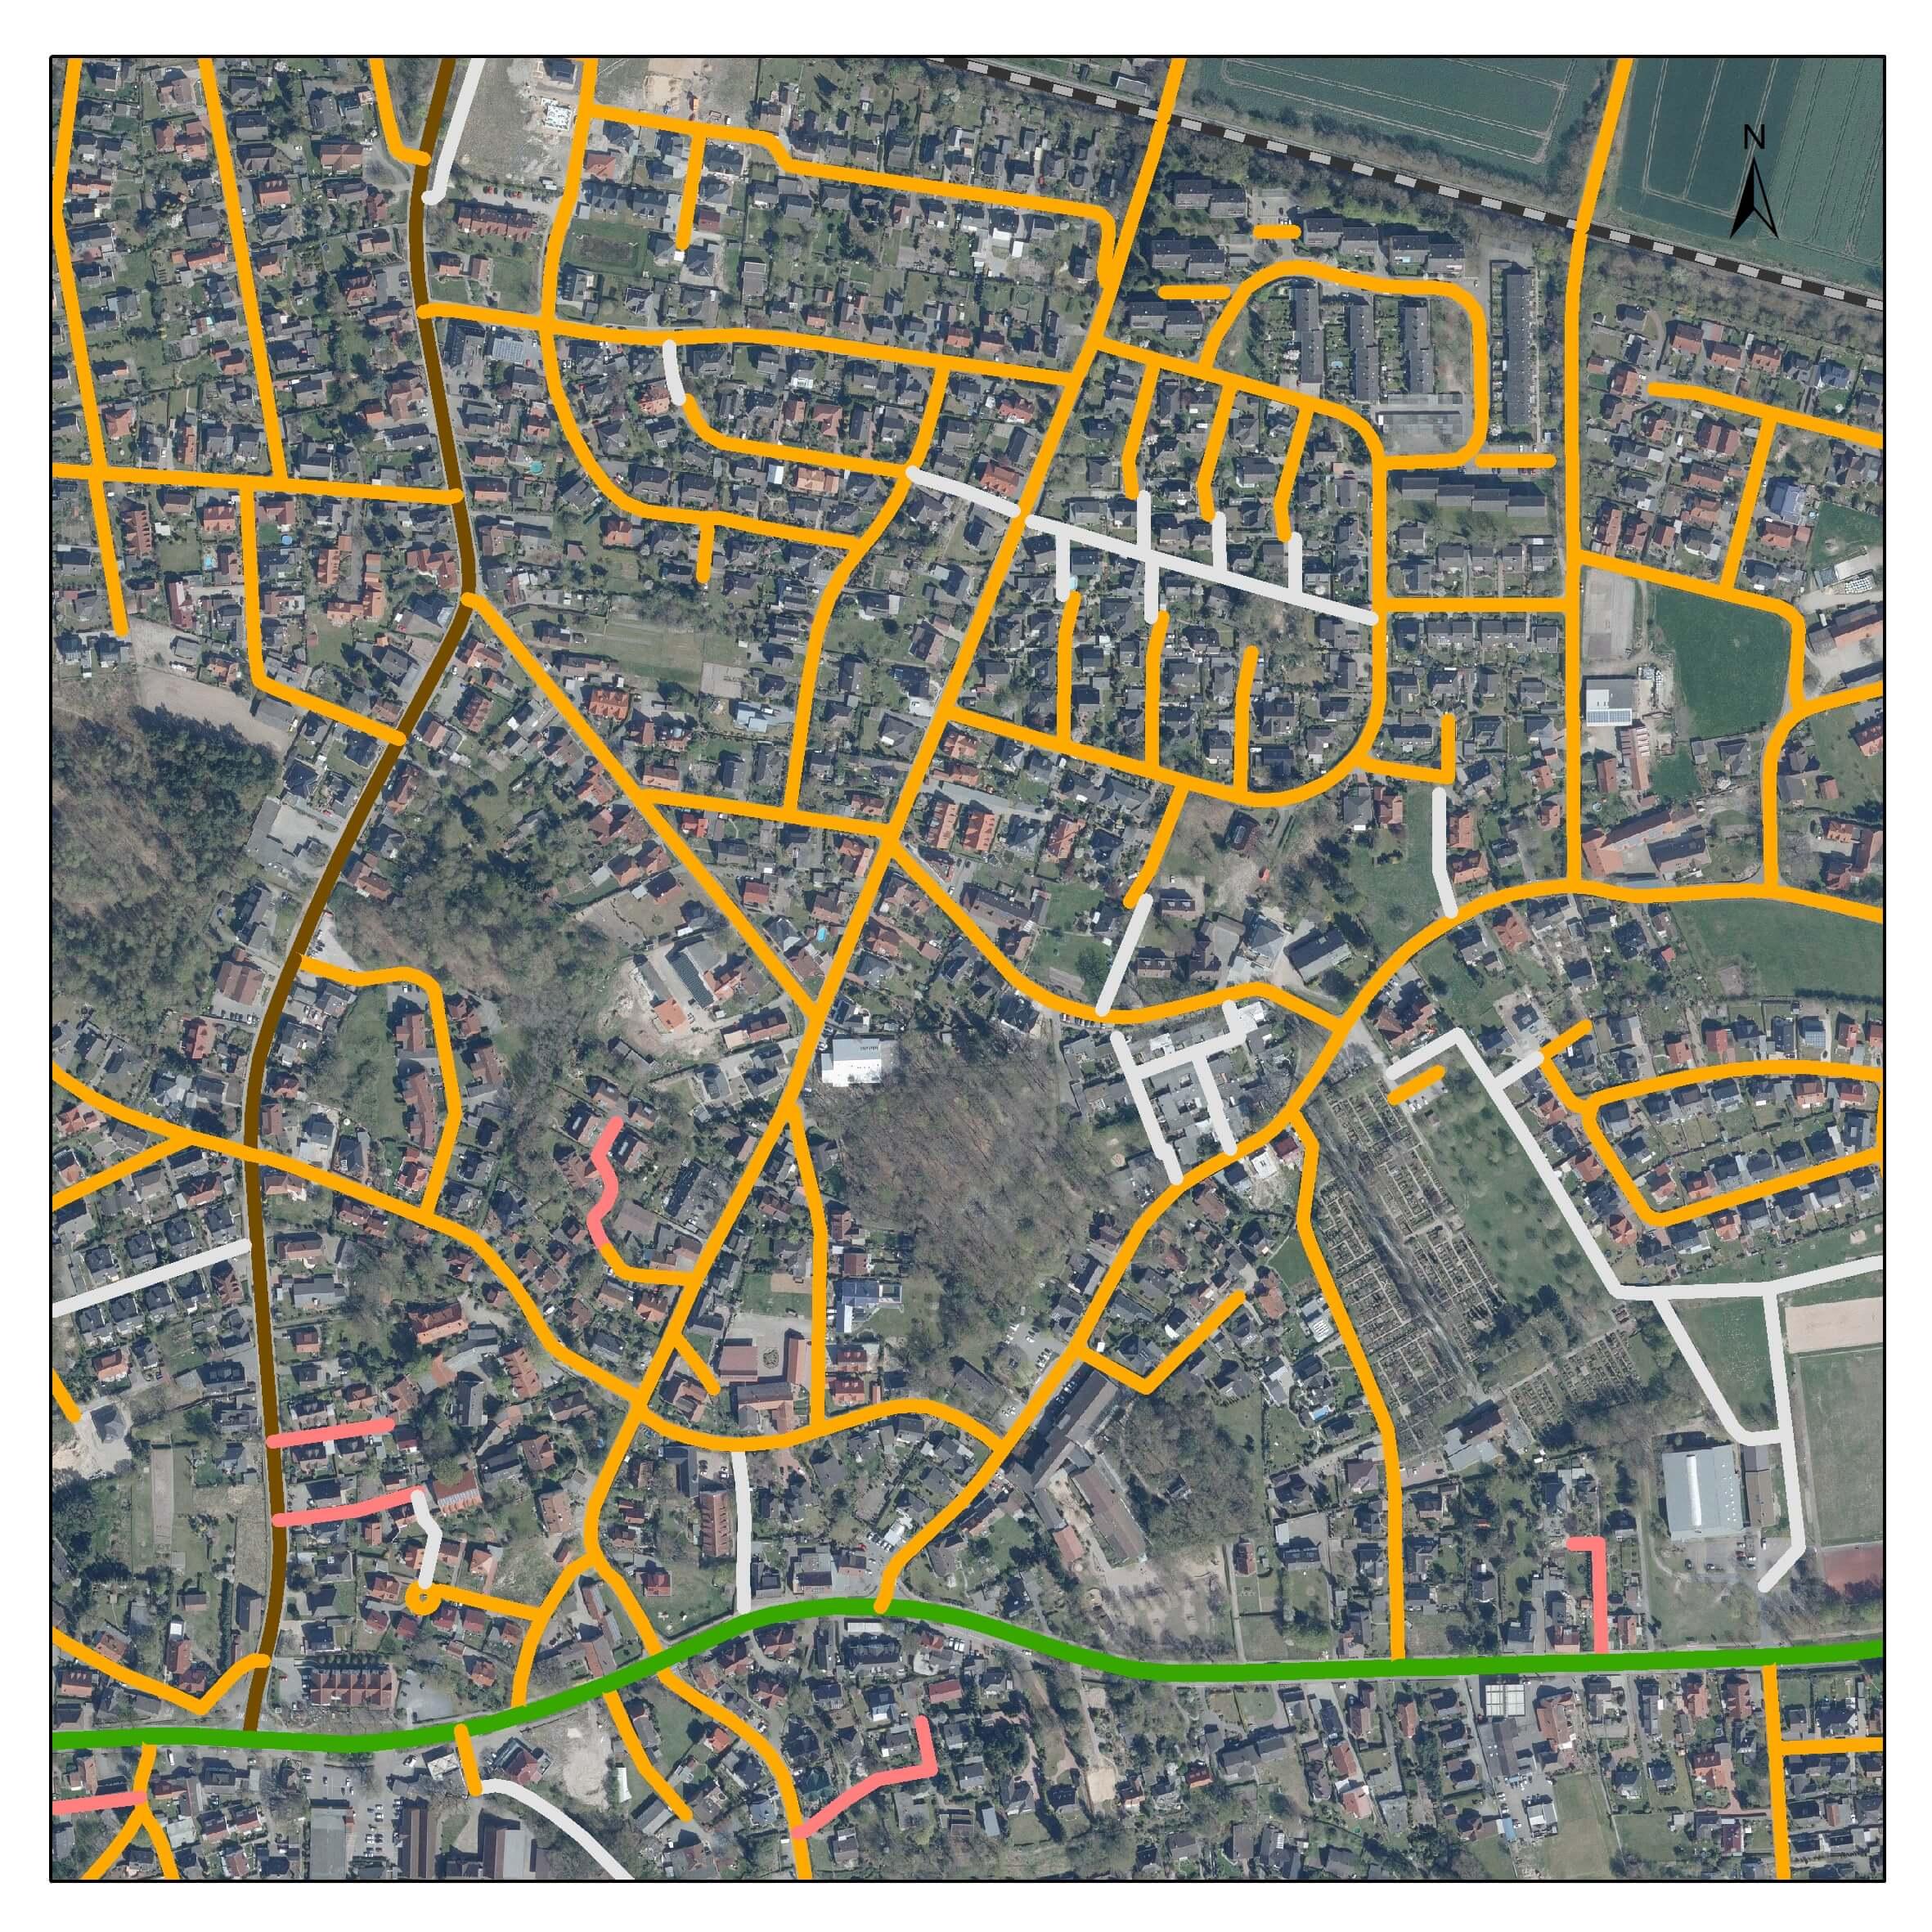 Straßenkataster in Achim - IDN Referenz